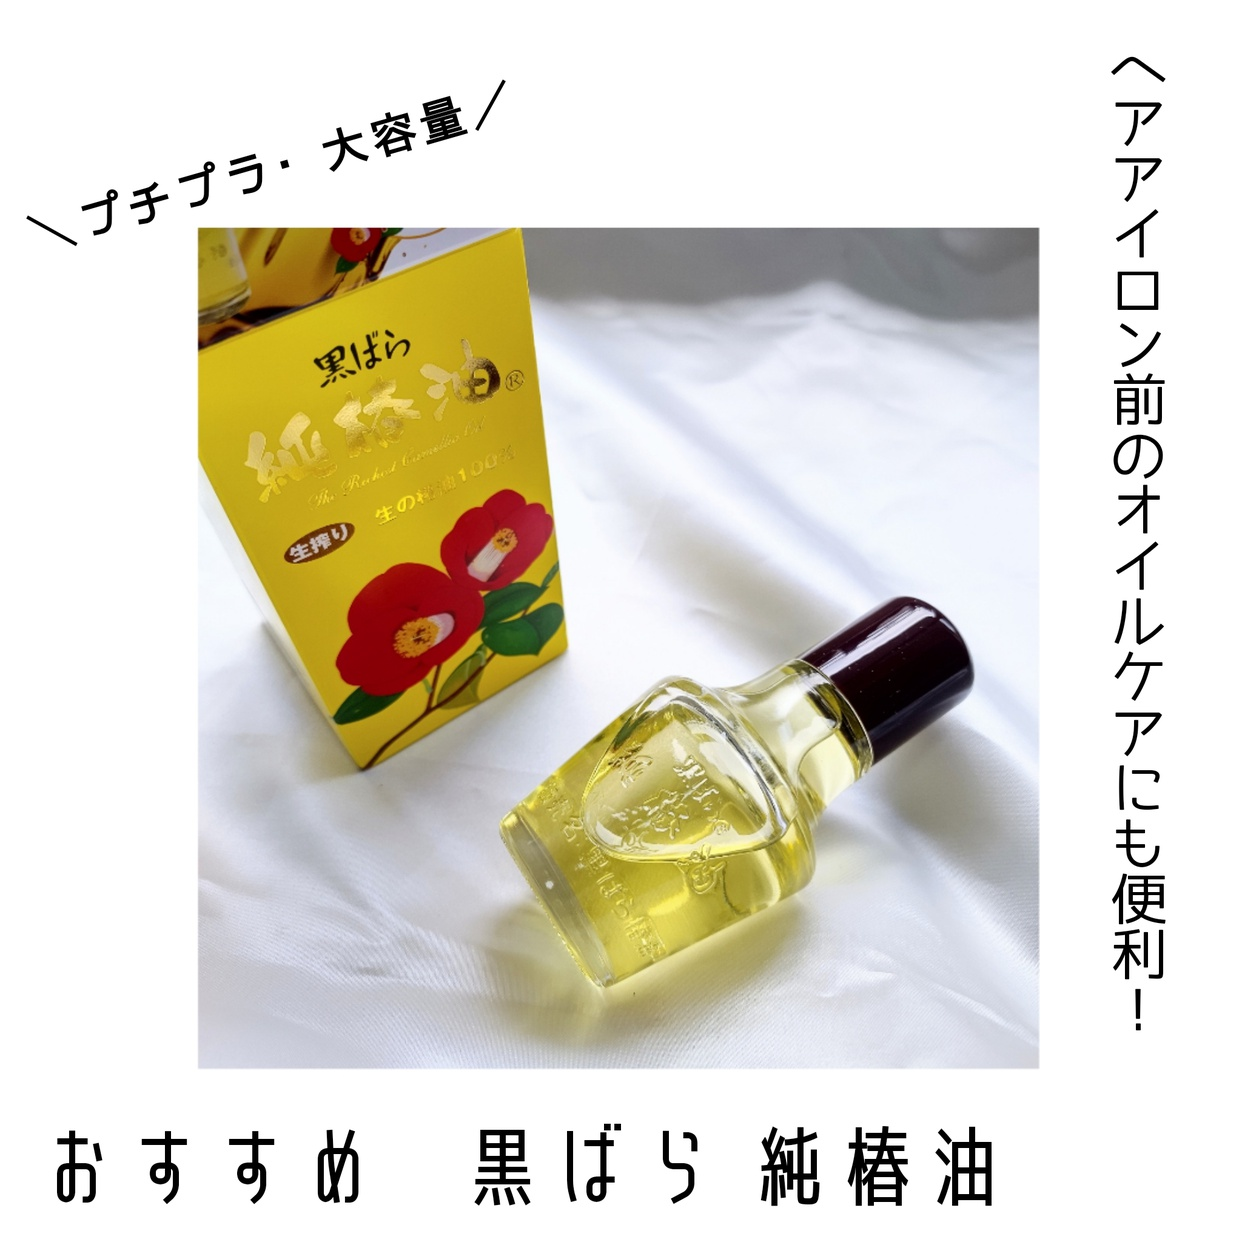 黒ばら本舗(KUROBARA)黒ばら純椿油を使った山﨑 りささんのクチコミ画像